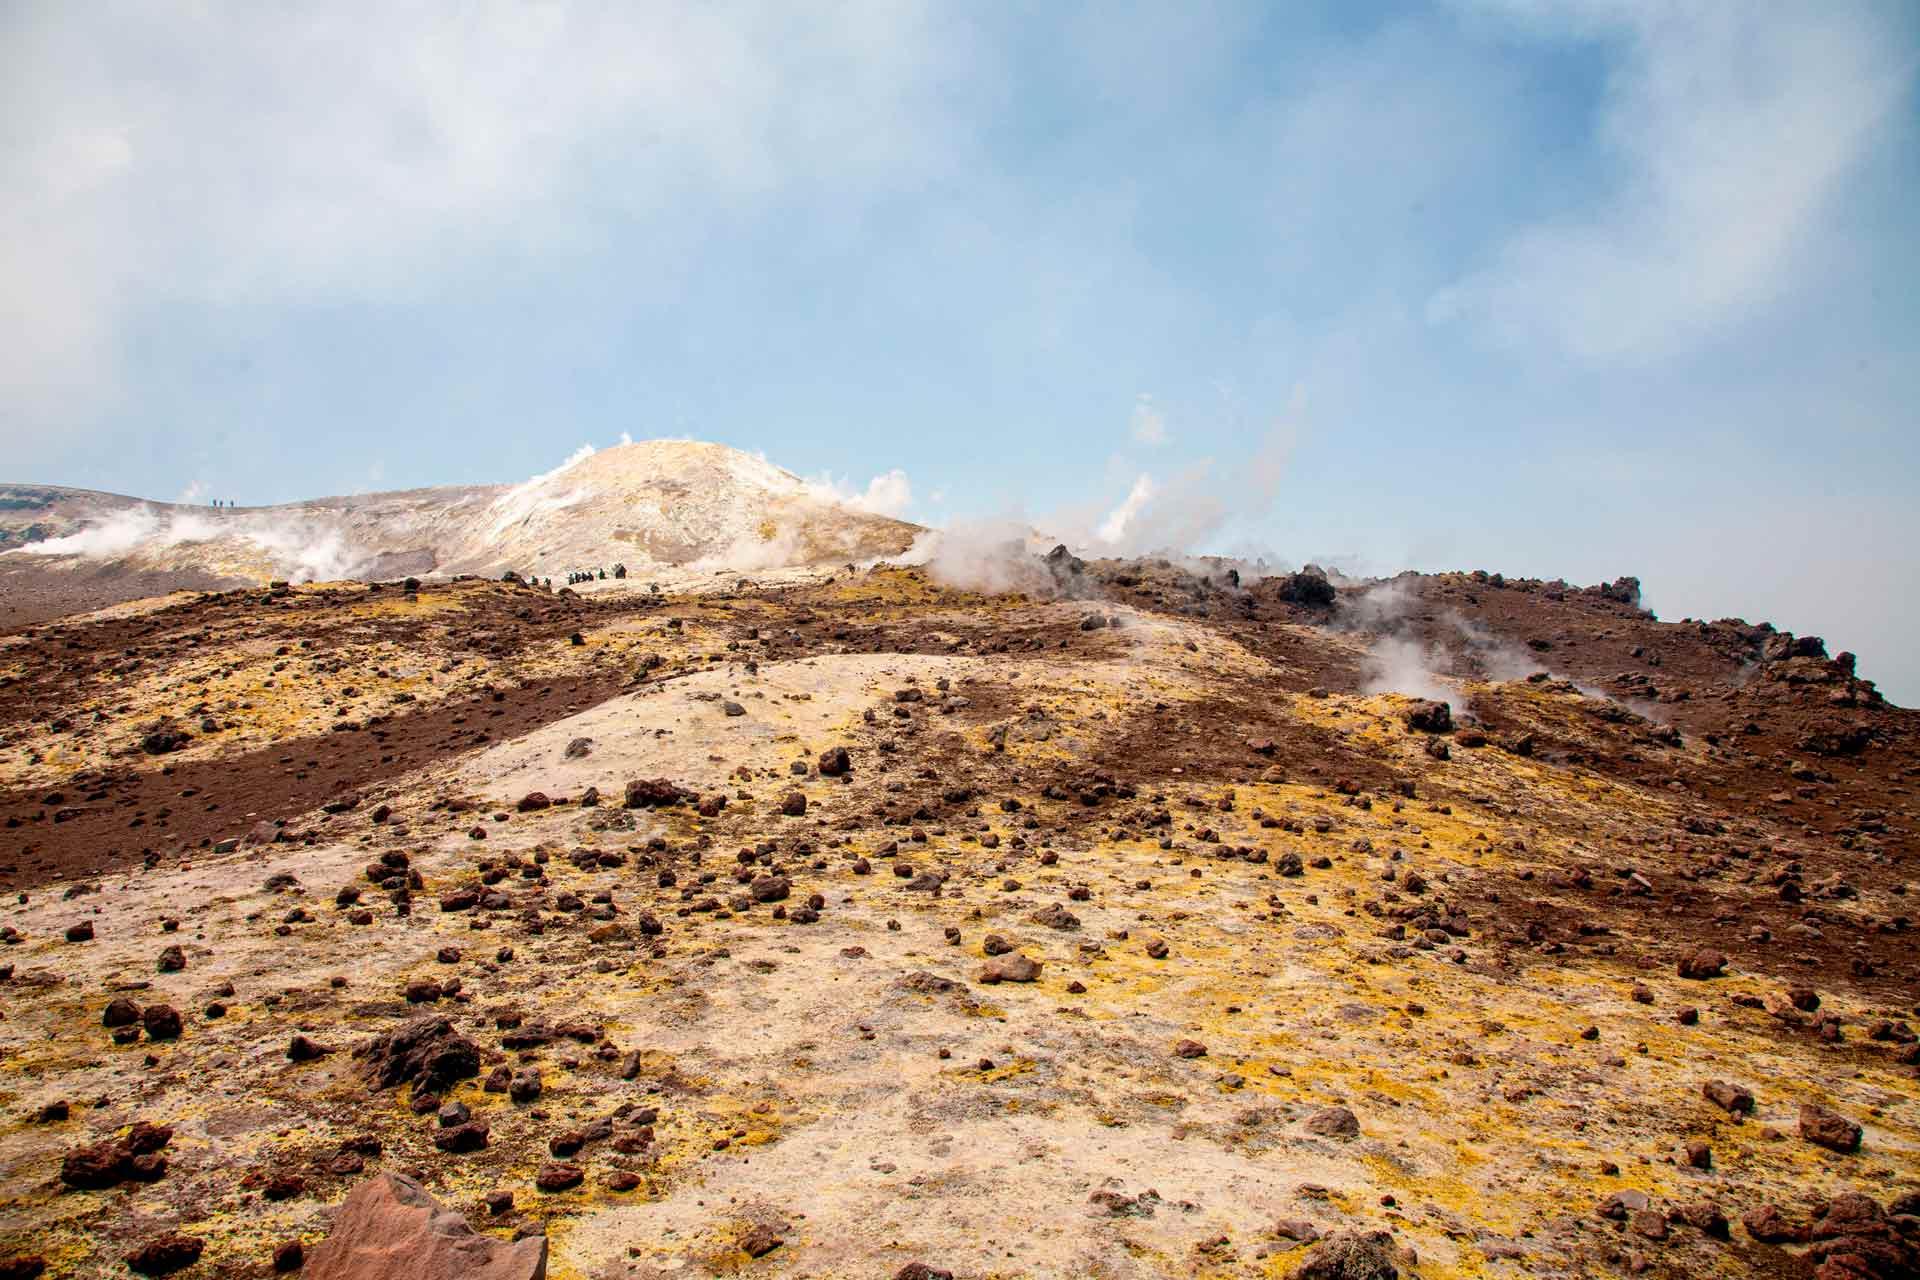 Oggi l'Etna è caratterizzato da 4 crateri sommitali, il primo cratere dove giungiamo è il Cratere di Sud-Est, che recentemente è stato il più attivo dei quattro crateri. Questa configurazione contrasta notevolmente con quella di circa un secolo fa, quando in cima all'Etna si trovava il solo Cratere Centrale.